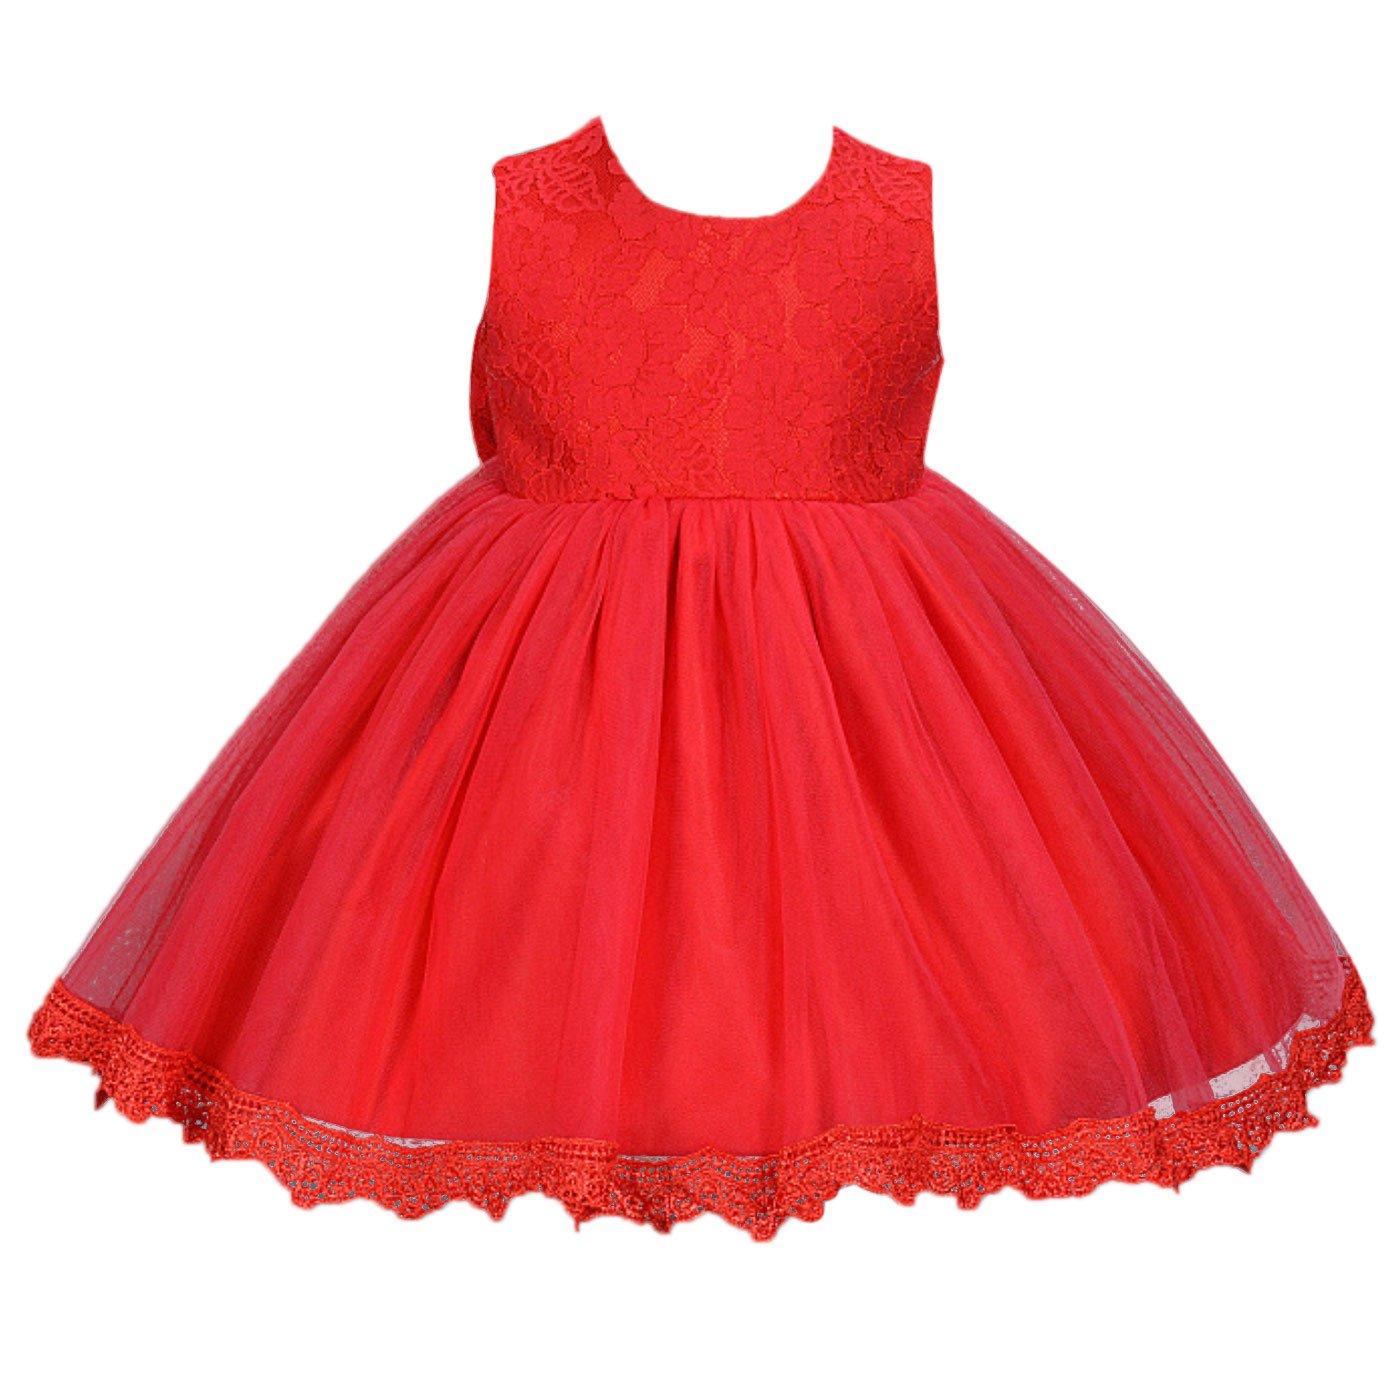 Happy Cherry - Falda de Tútu Vestido Boba Fiesta Ceremonia Bautismo para Bebés Recien nacido Niñas sin Mangas de Encaje - Rosa Blanco Rojo - Talla ES 0-12 meses